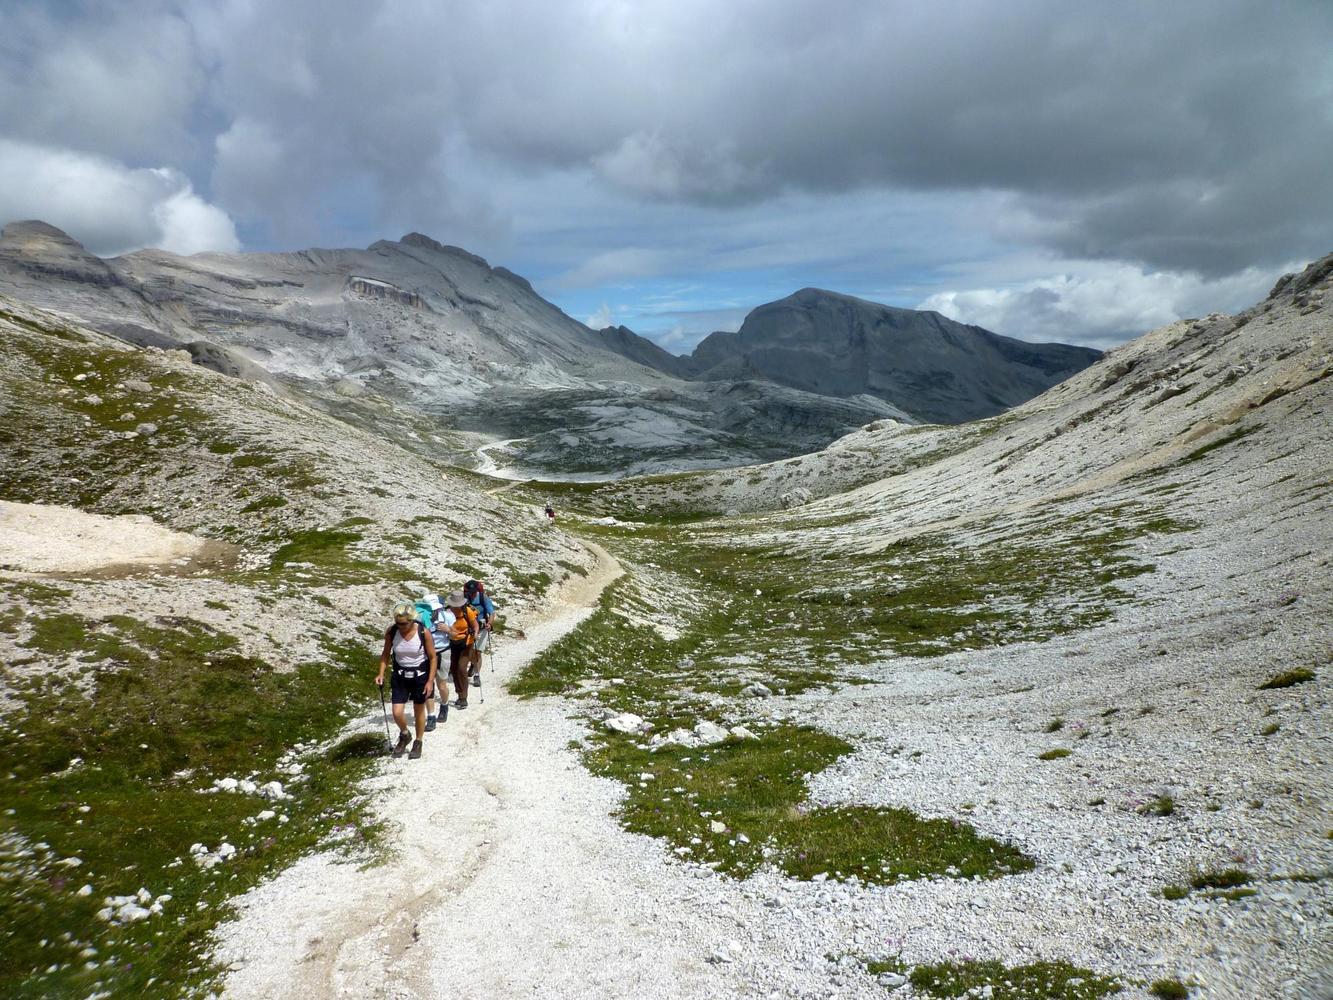 Montée au Forcella de Medesc, Dolomites - Aurélie Mansiot